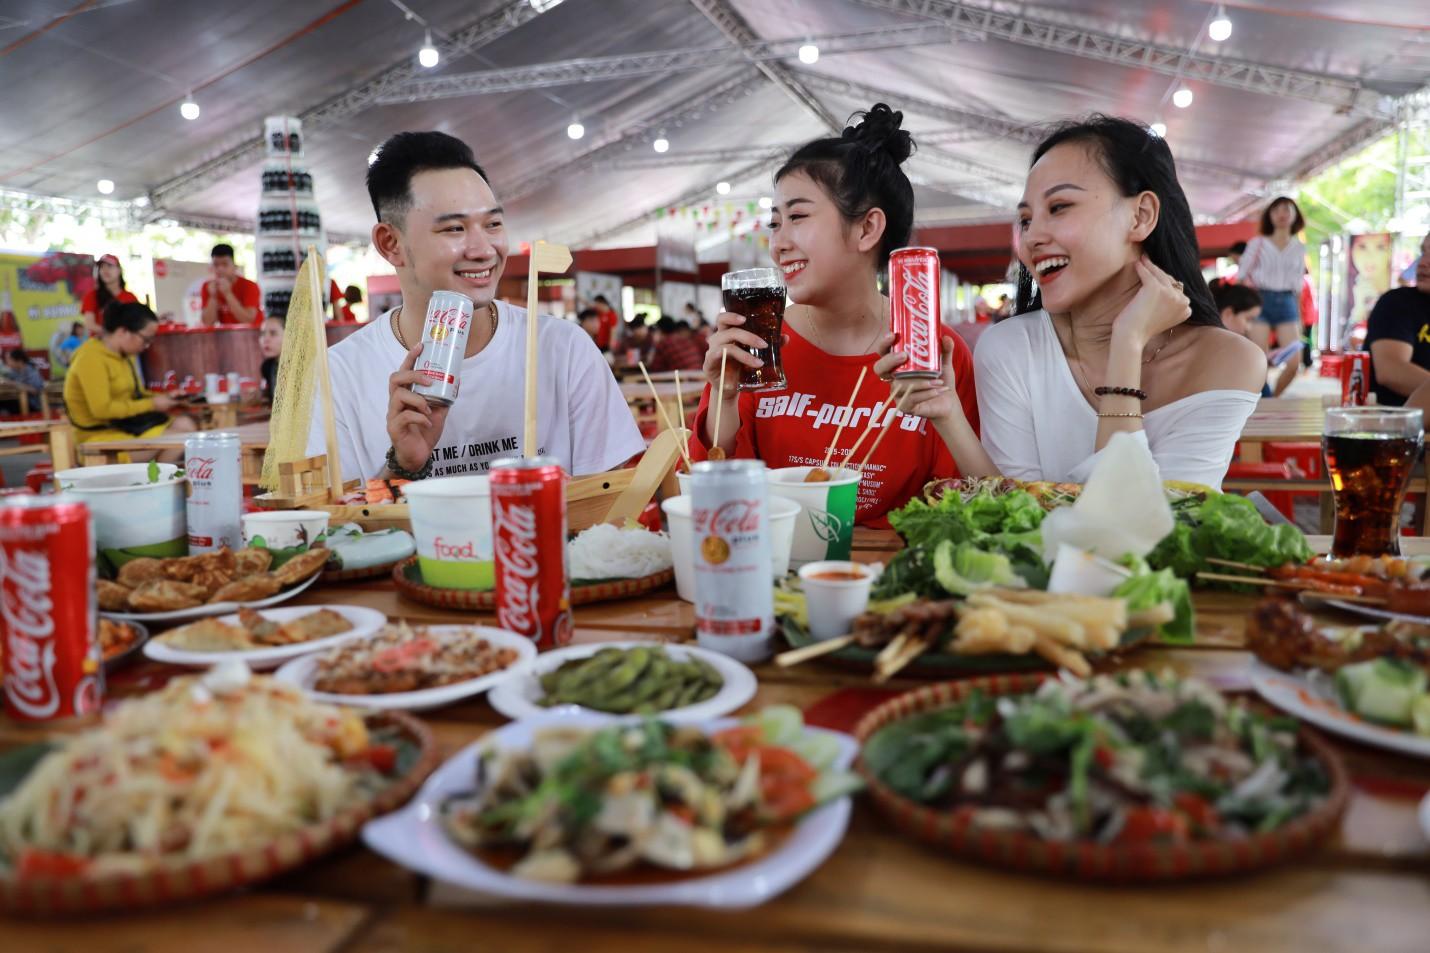 Hàng trăm tín đồ ẩm thực Việt thỏa mãn hết nấc vì được đắm mình trong thiên đường của ngon vật lạ! - Ảnh 4.